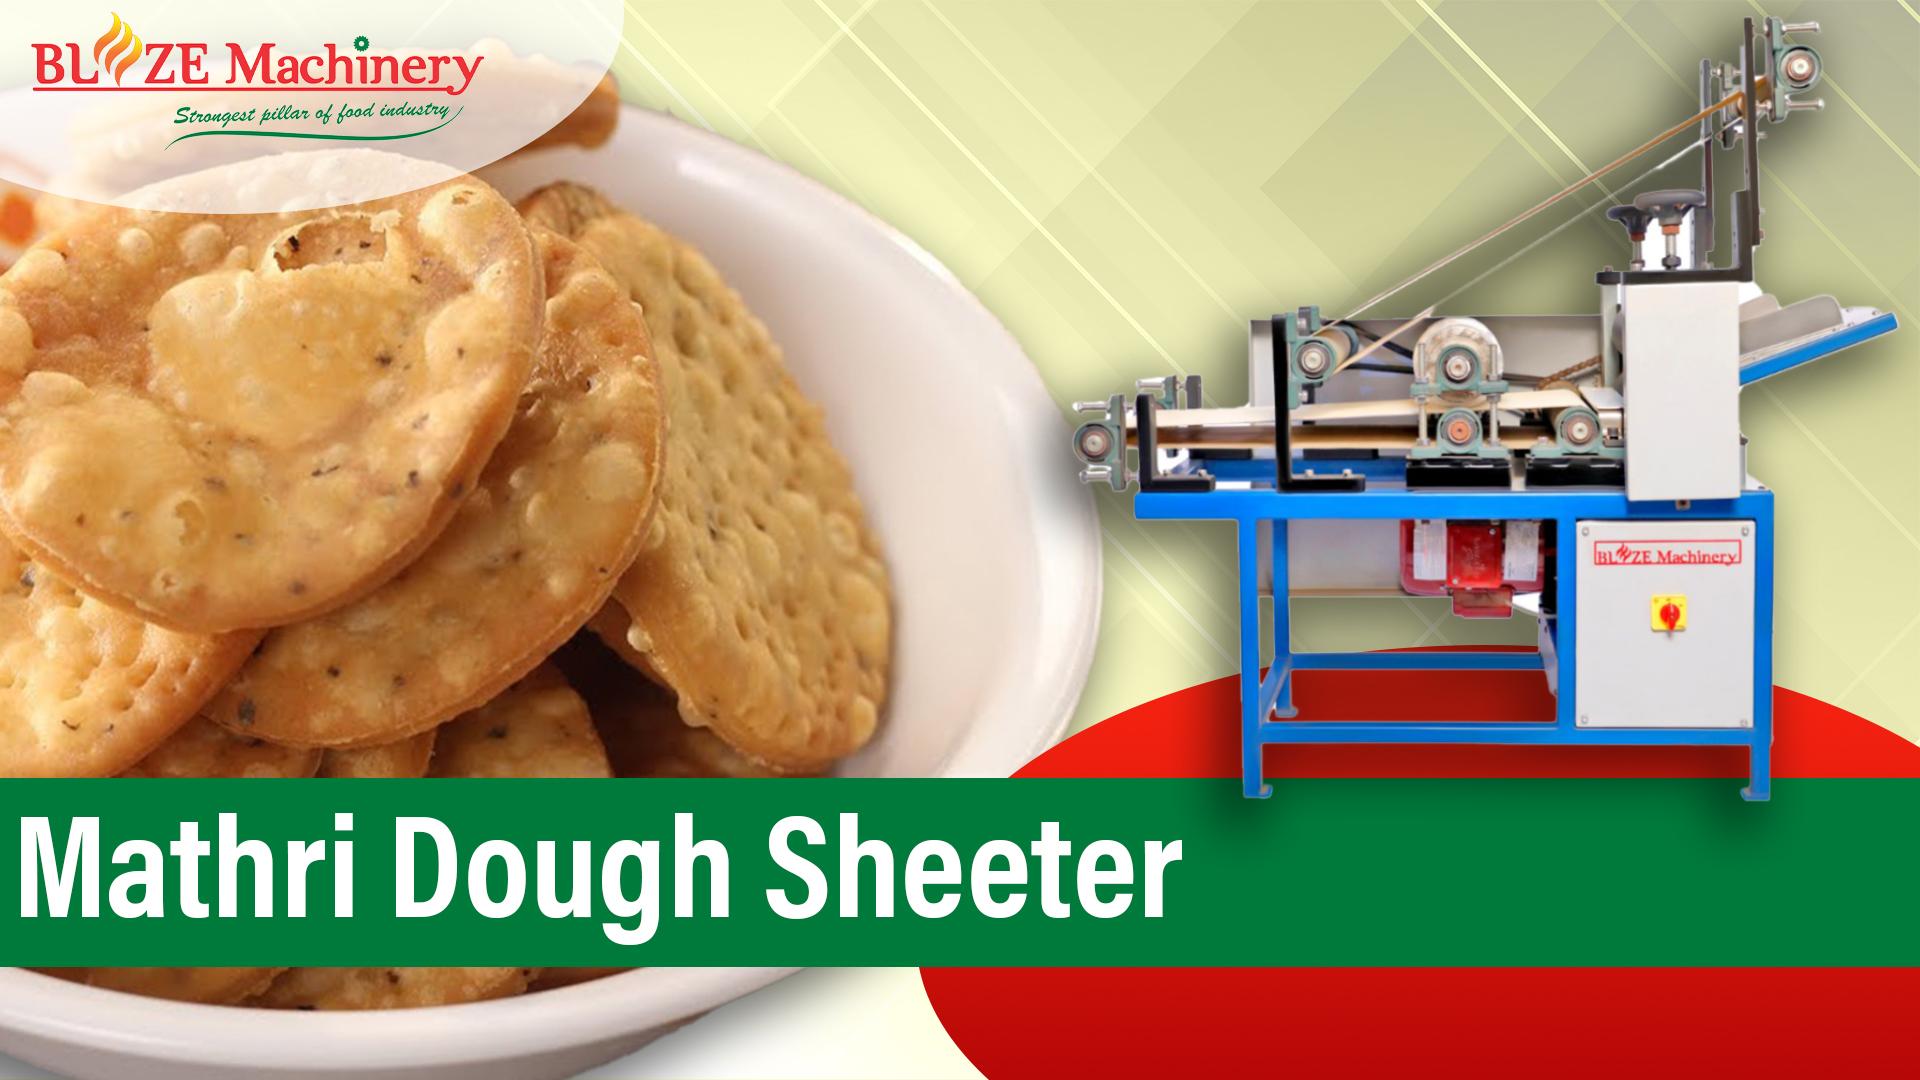 Mathri Dough Sheeter